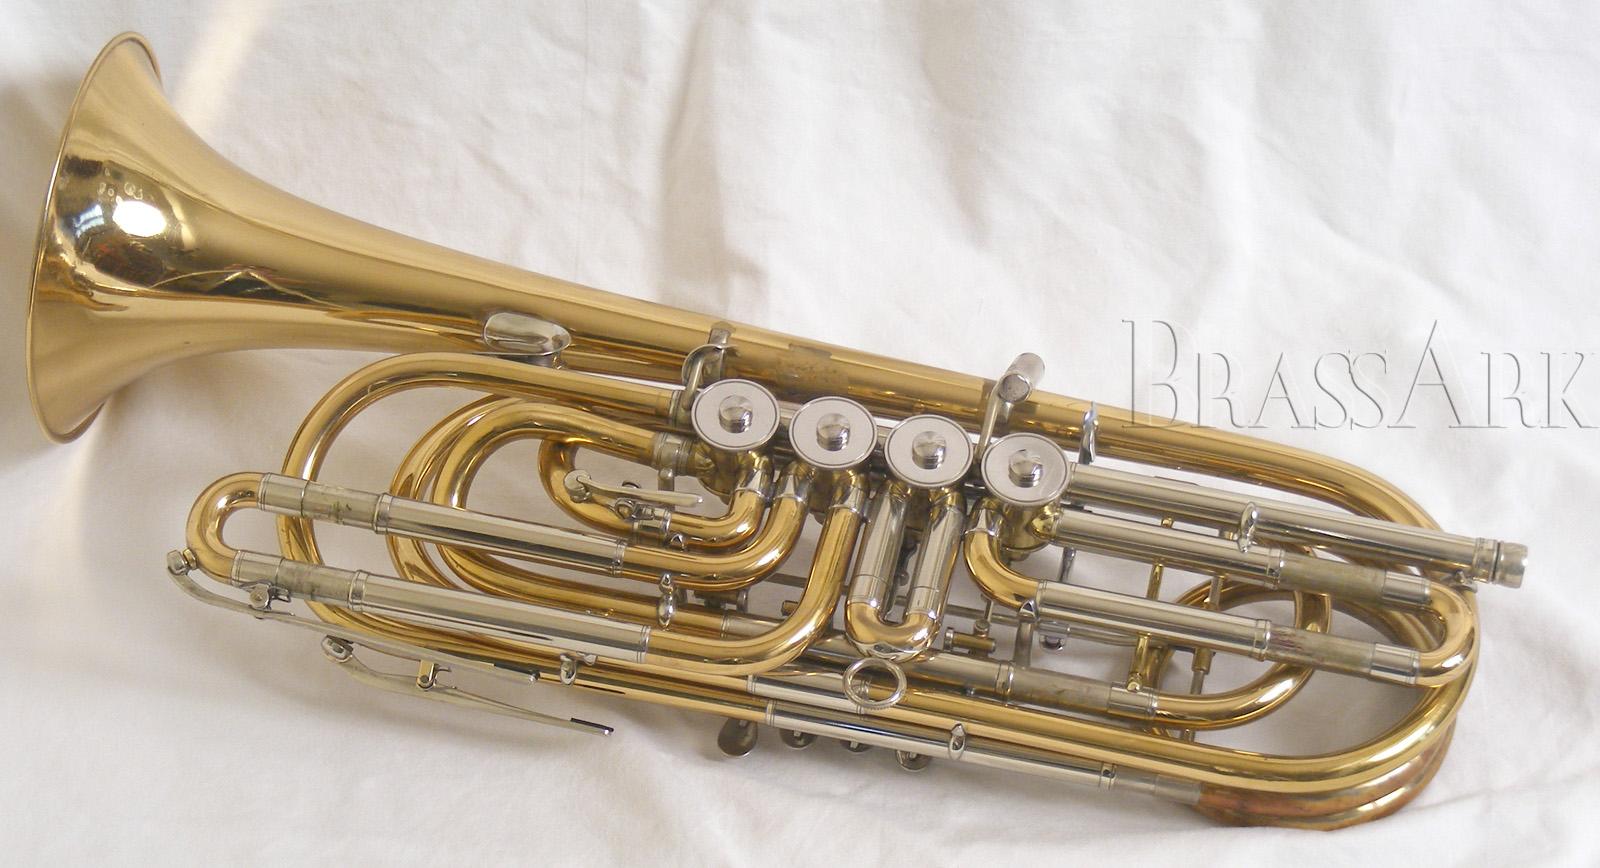 bass trumpet. Black Bedroom Furniture Sets. Home Design Ideas